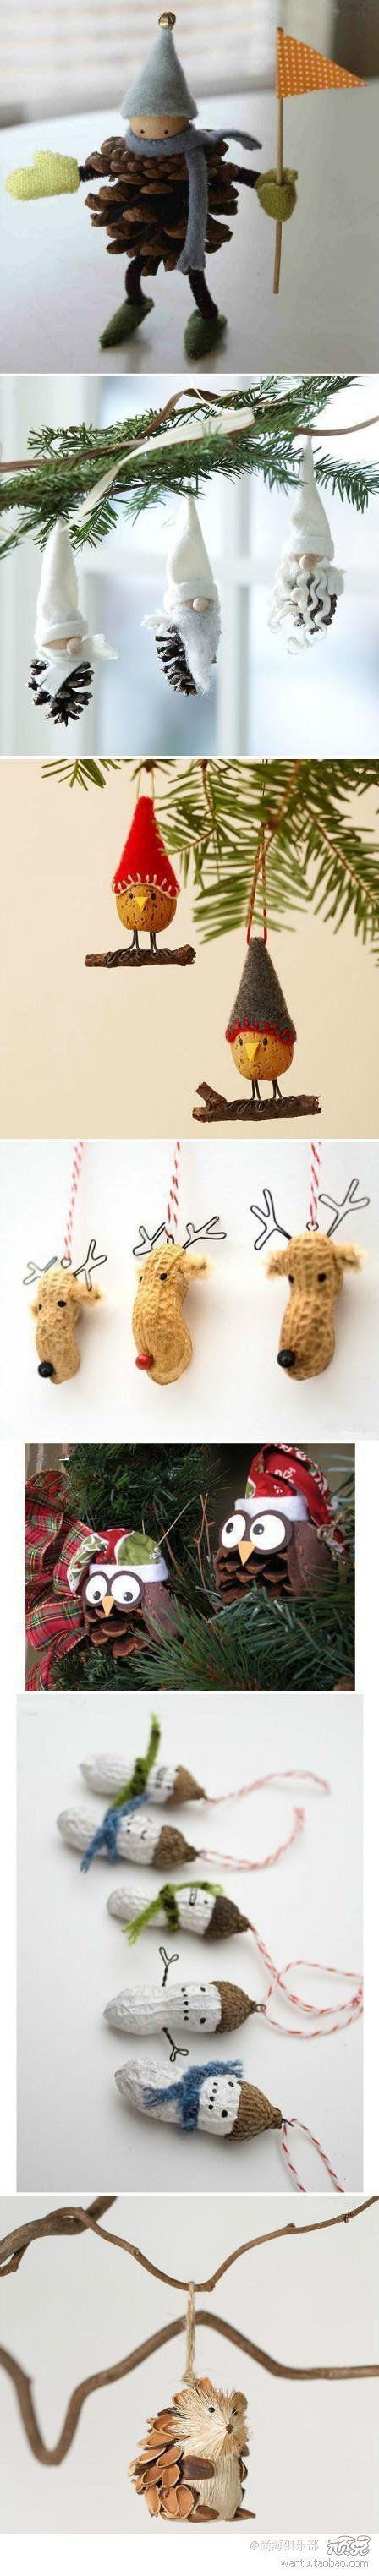 Adornos para árboles de Navidad DIY ... desde piñas y tal.  Lindo para los niños a hacer para los regalos el uno al otro o maestros .: